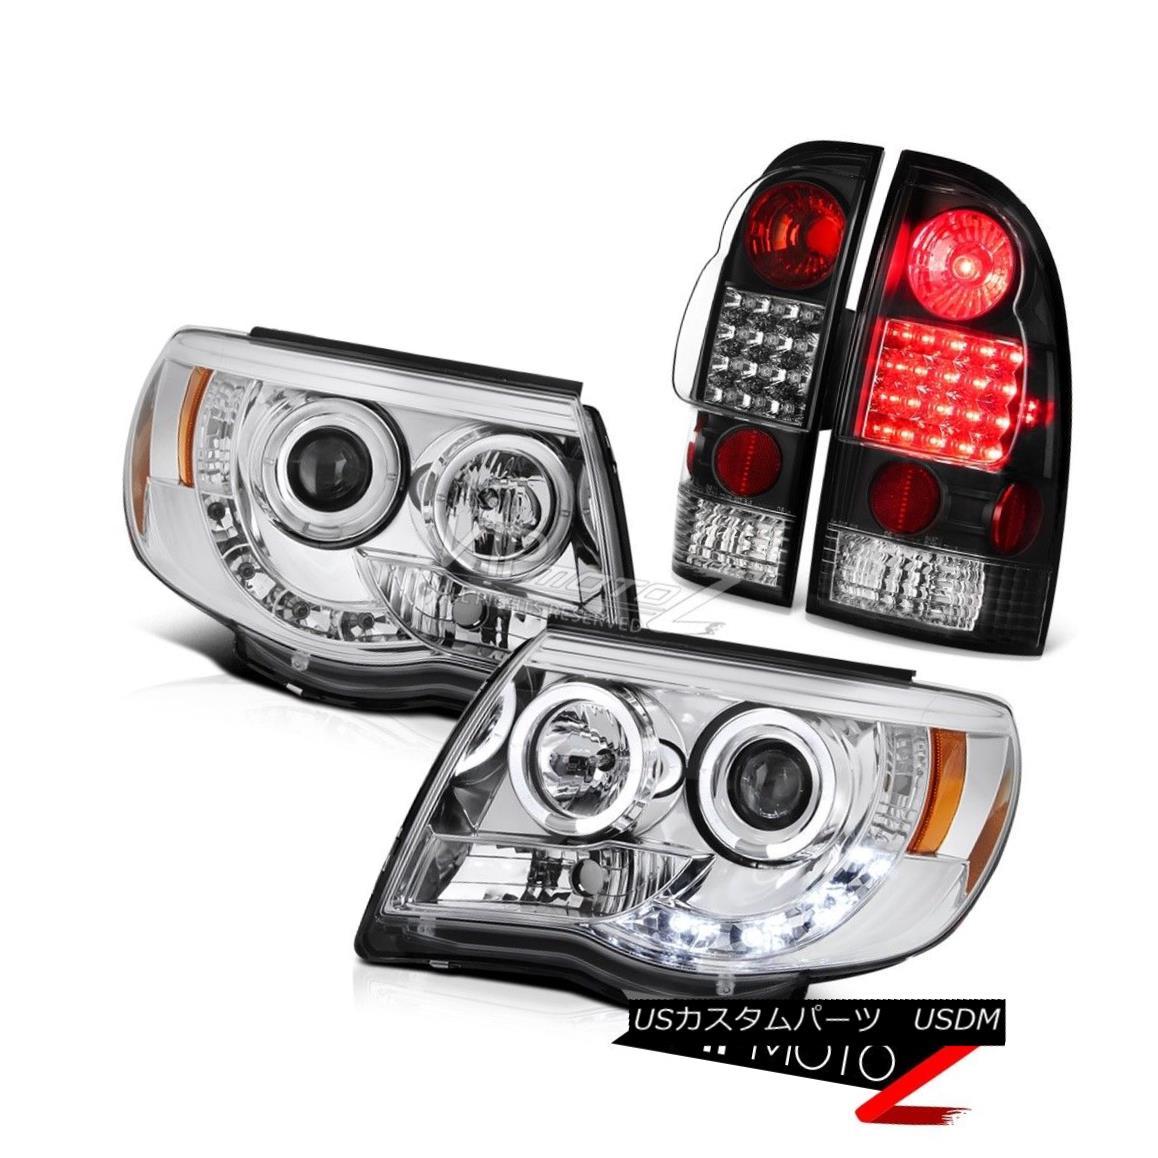 ヘッドライト Chrome LED D.R.L Angel Eye Projector Head Lights Rear Brake Tail Light Lamp 4PC クロームLED D.R.Lエンジェルアイプロジェクターヘッドライトリアブレーキテールライトランプ4PC